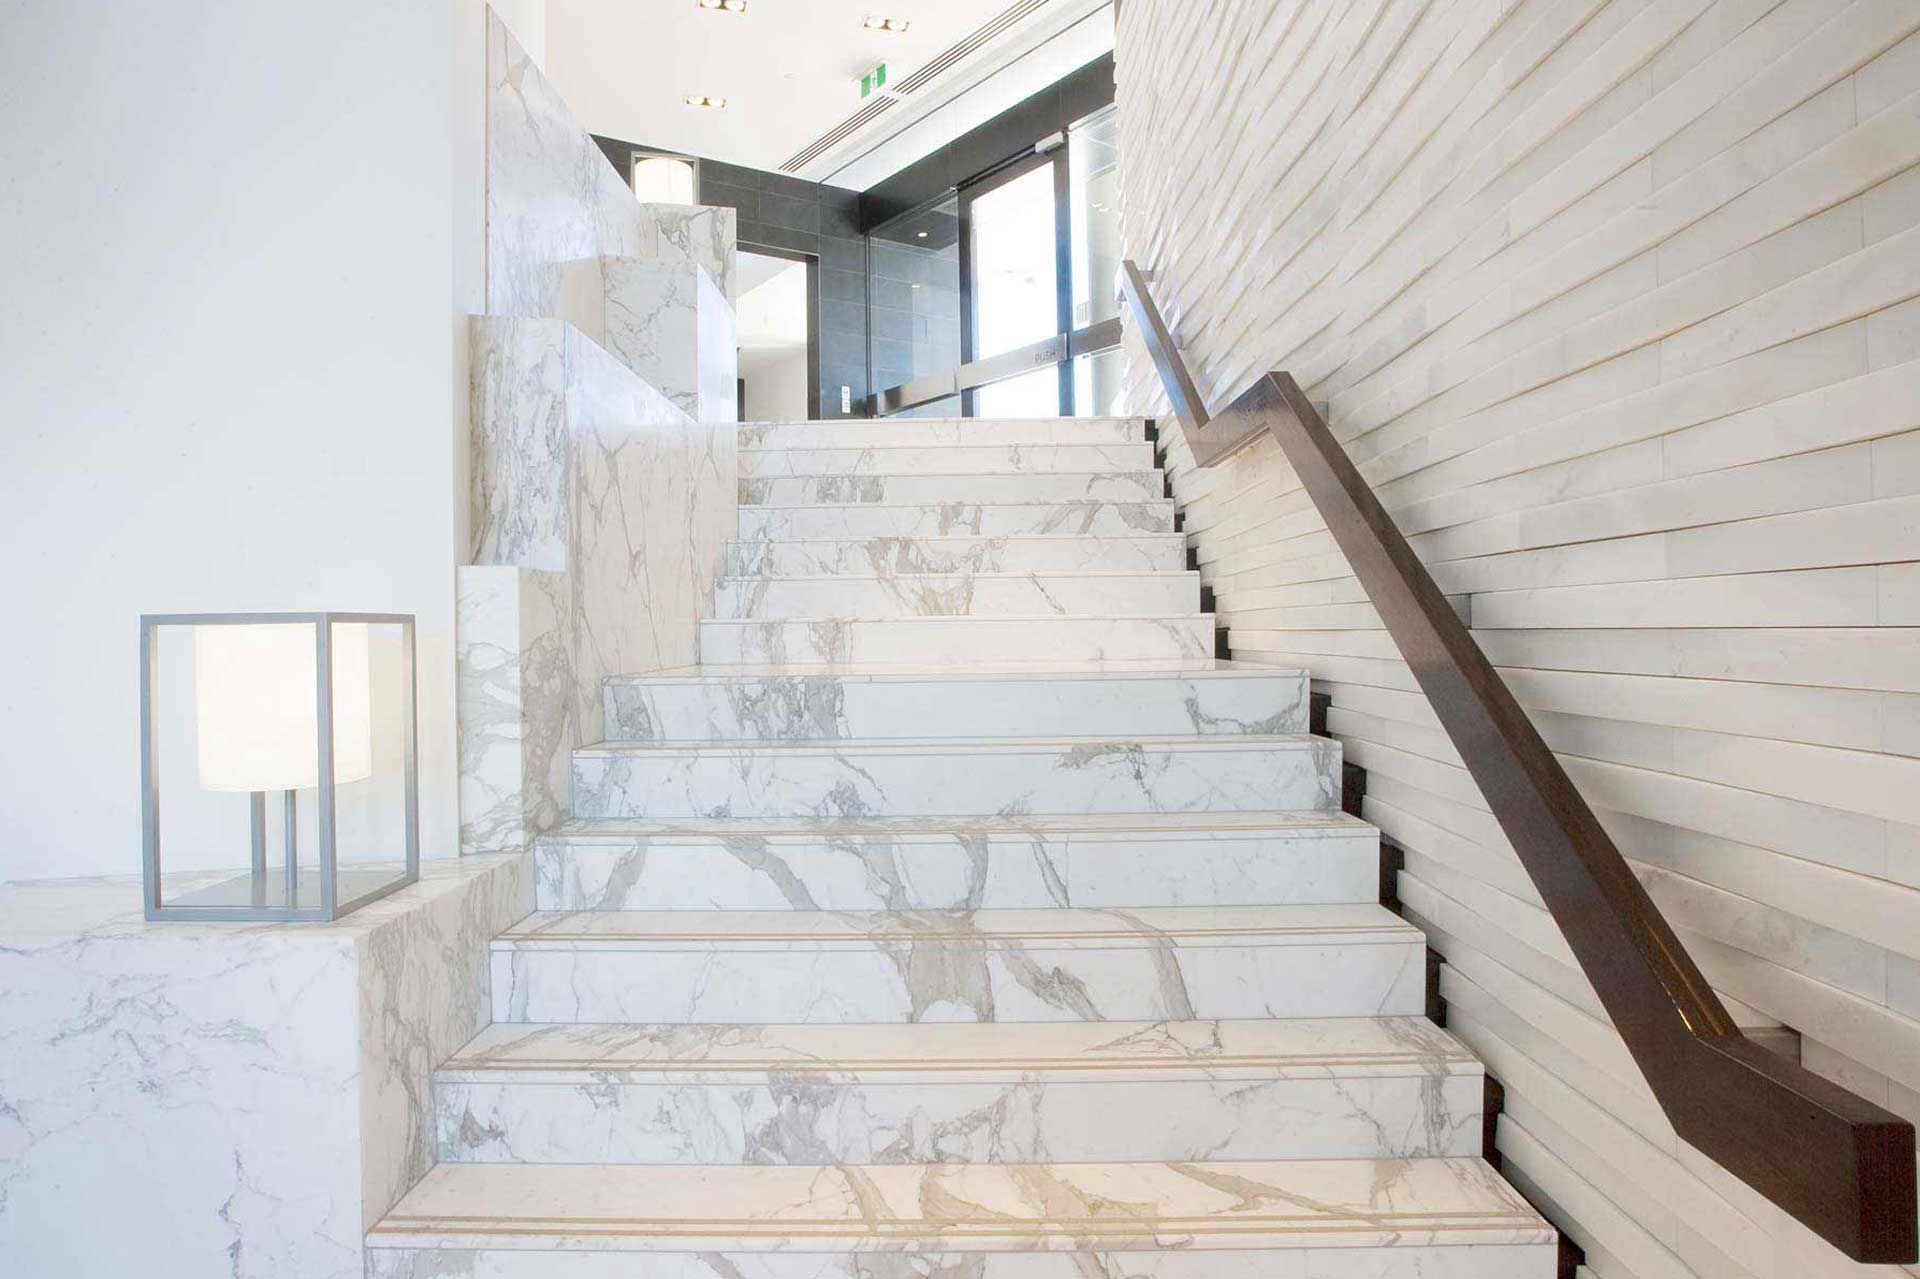 Trattamento per scale firenze azienda di trattamento scale - Scale in marmo ...